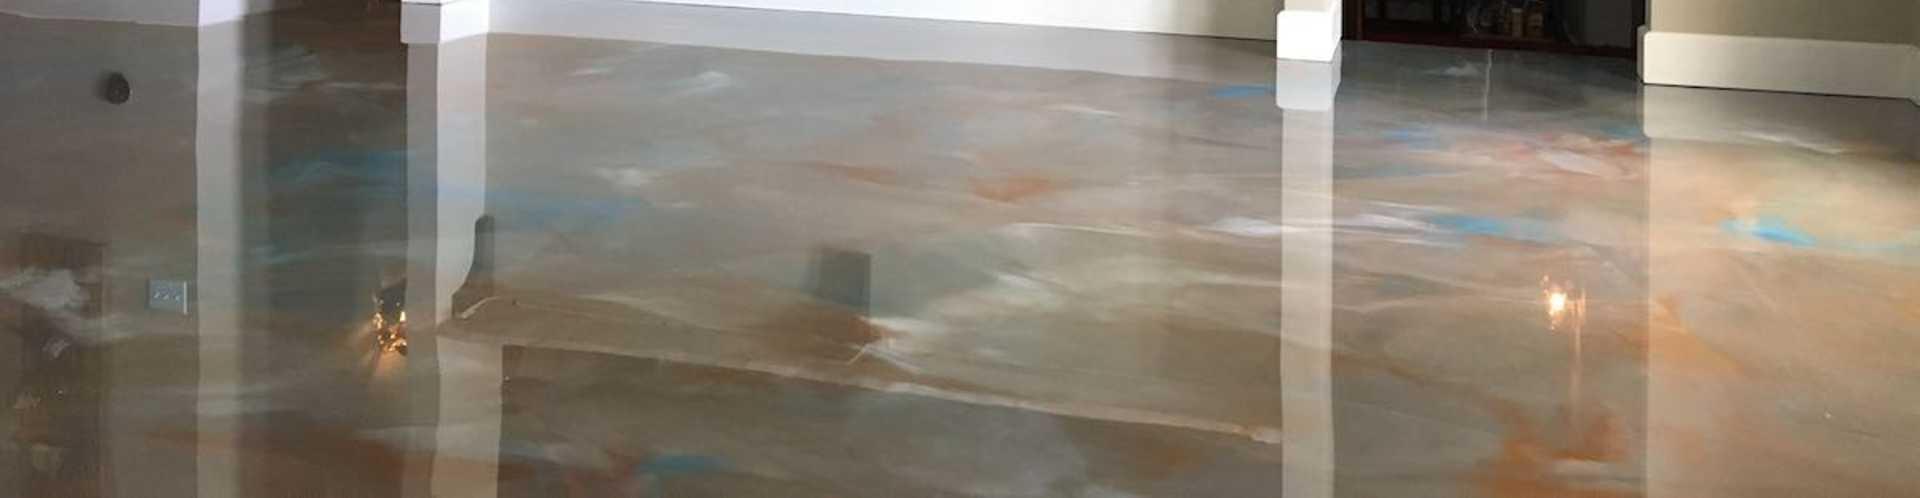 Anti-Slip Basement Floor